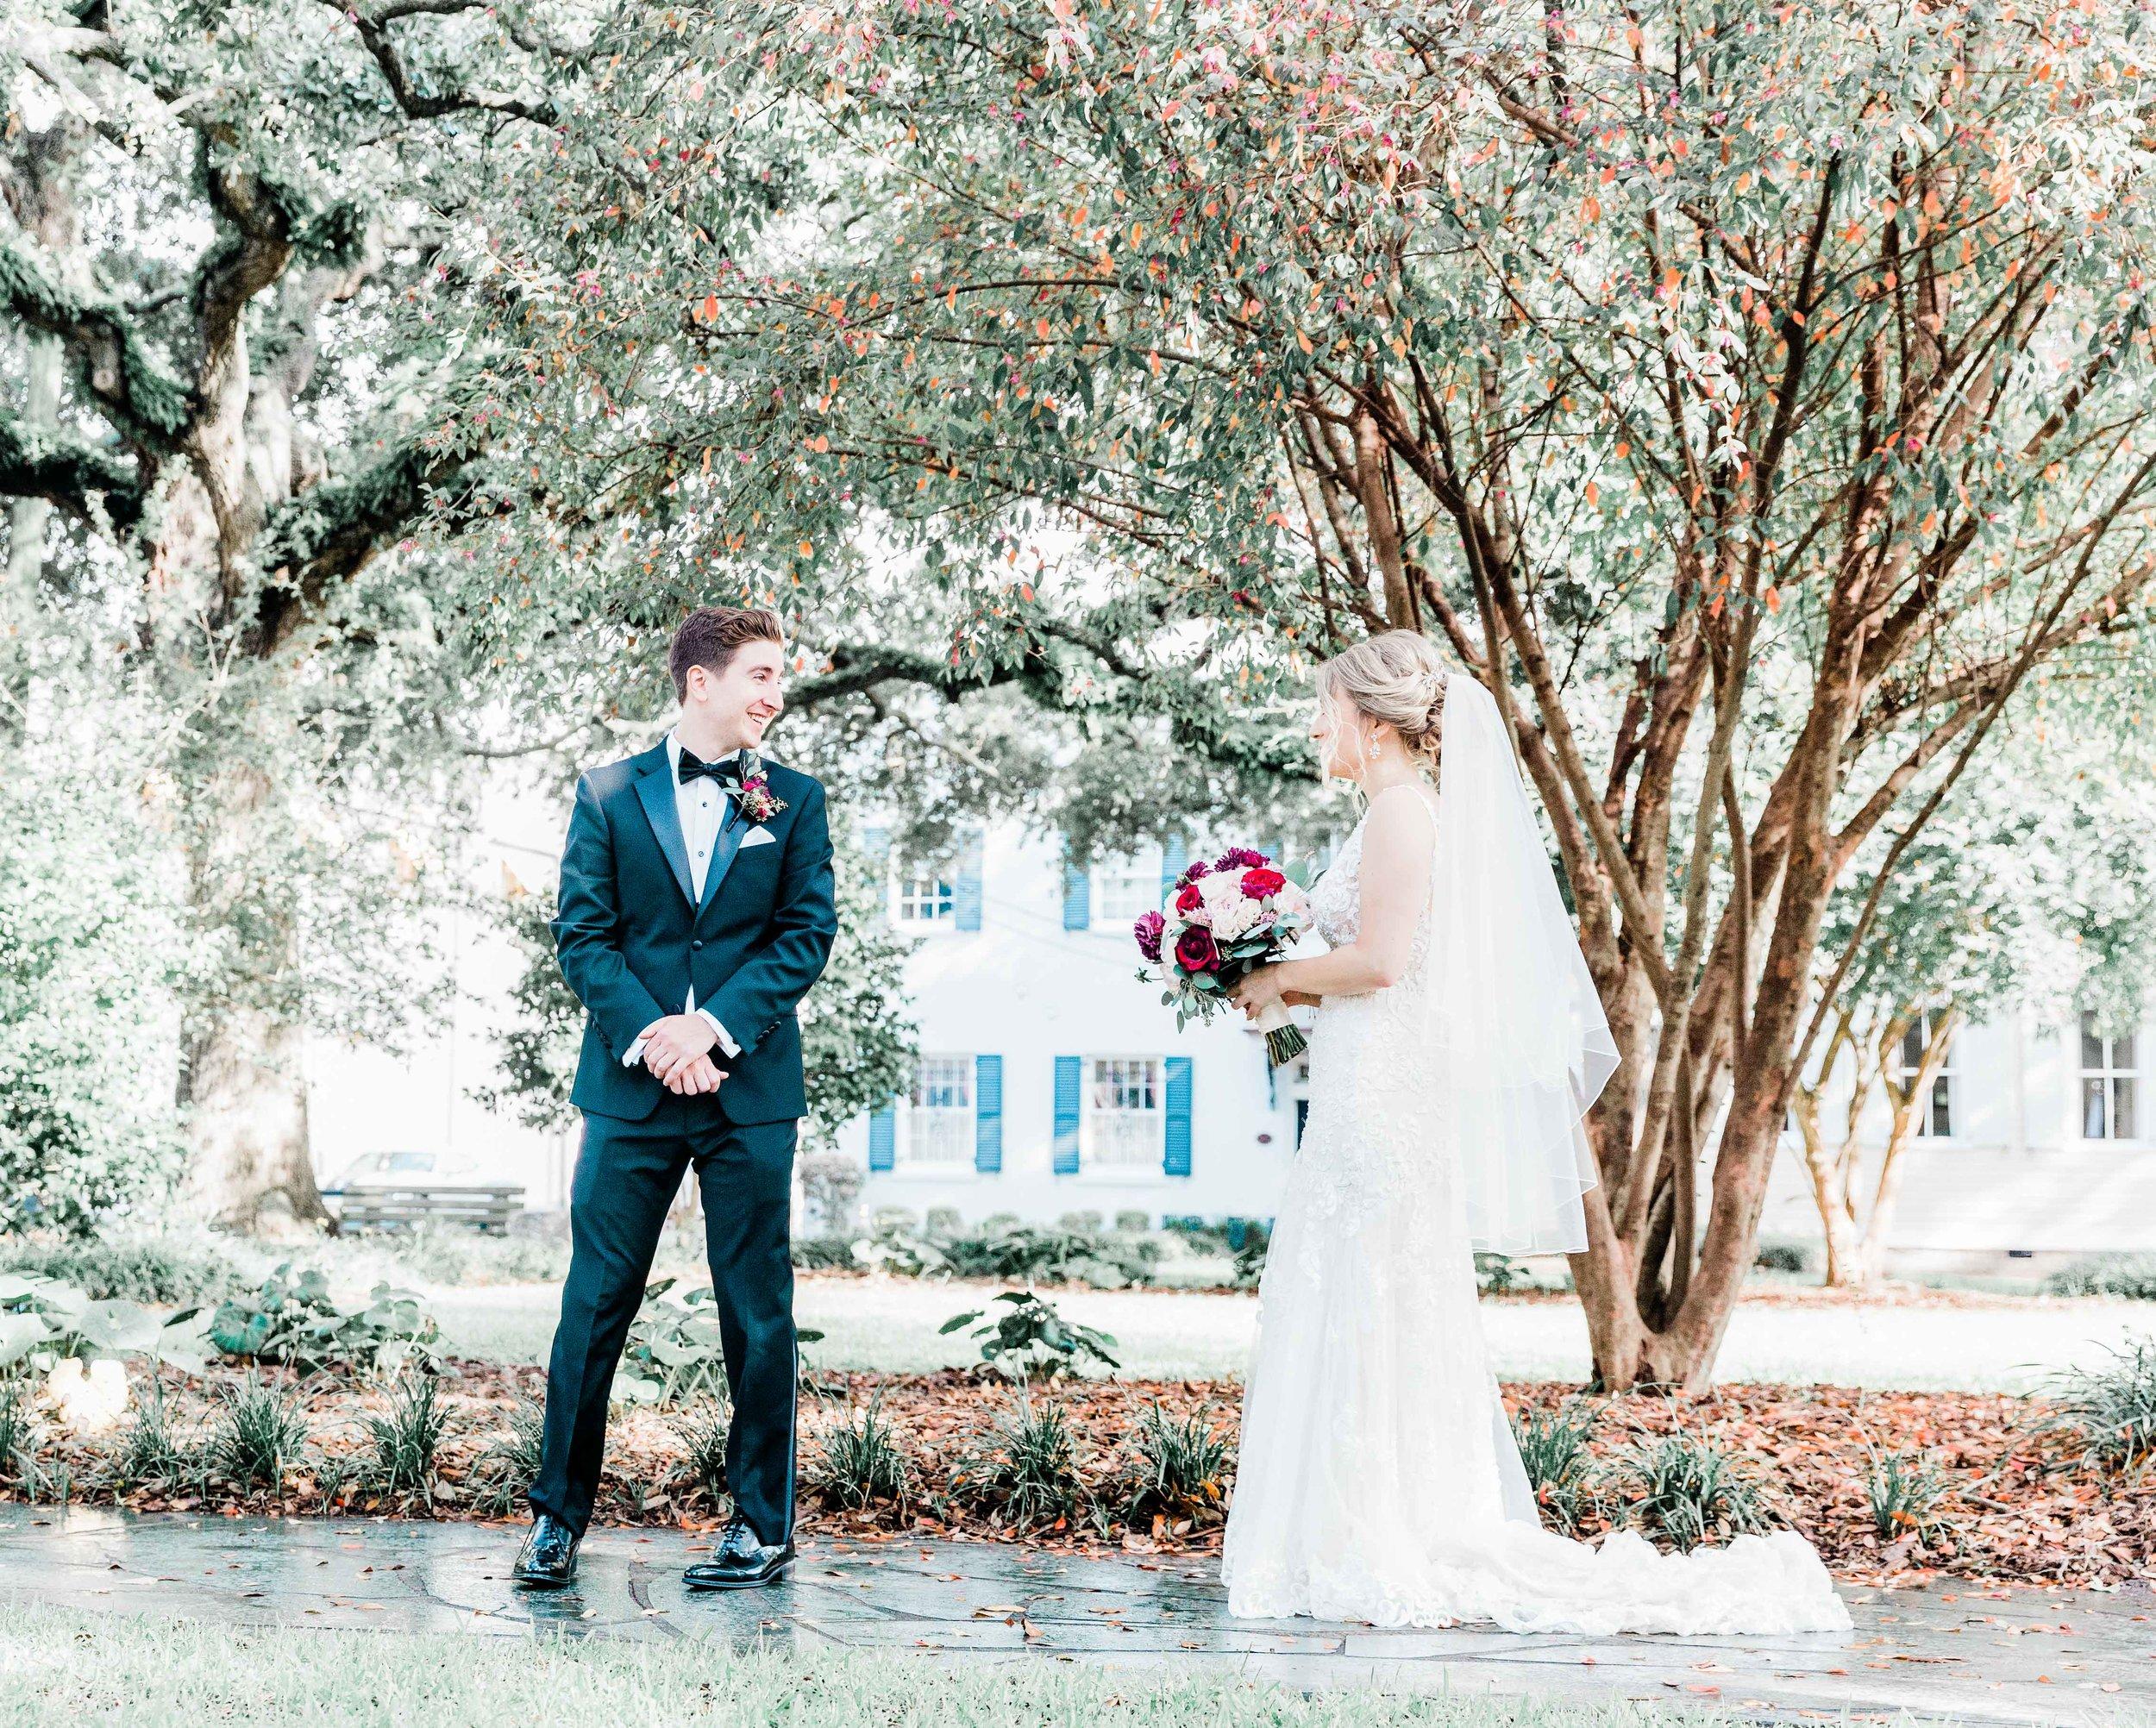 20181109Georgia-Savannah-savannah wedding photography07.jpg